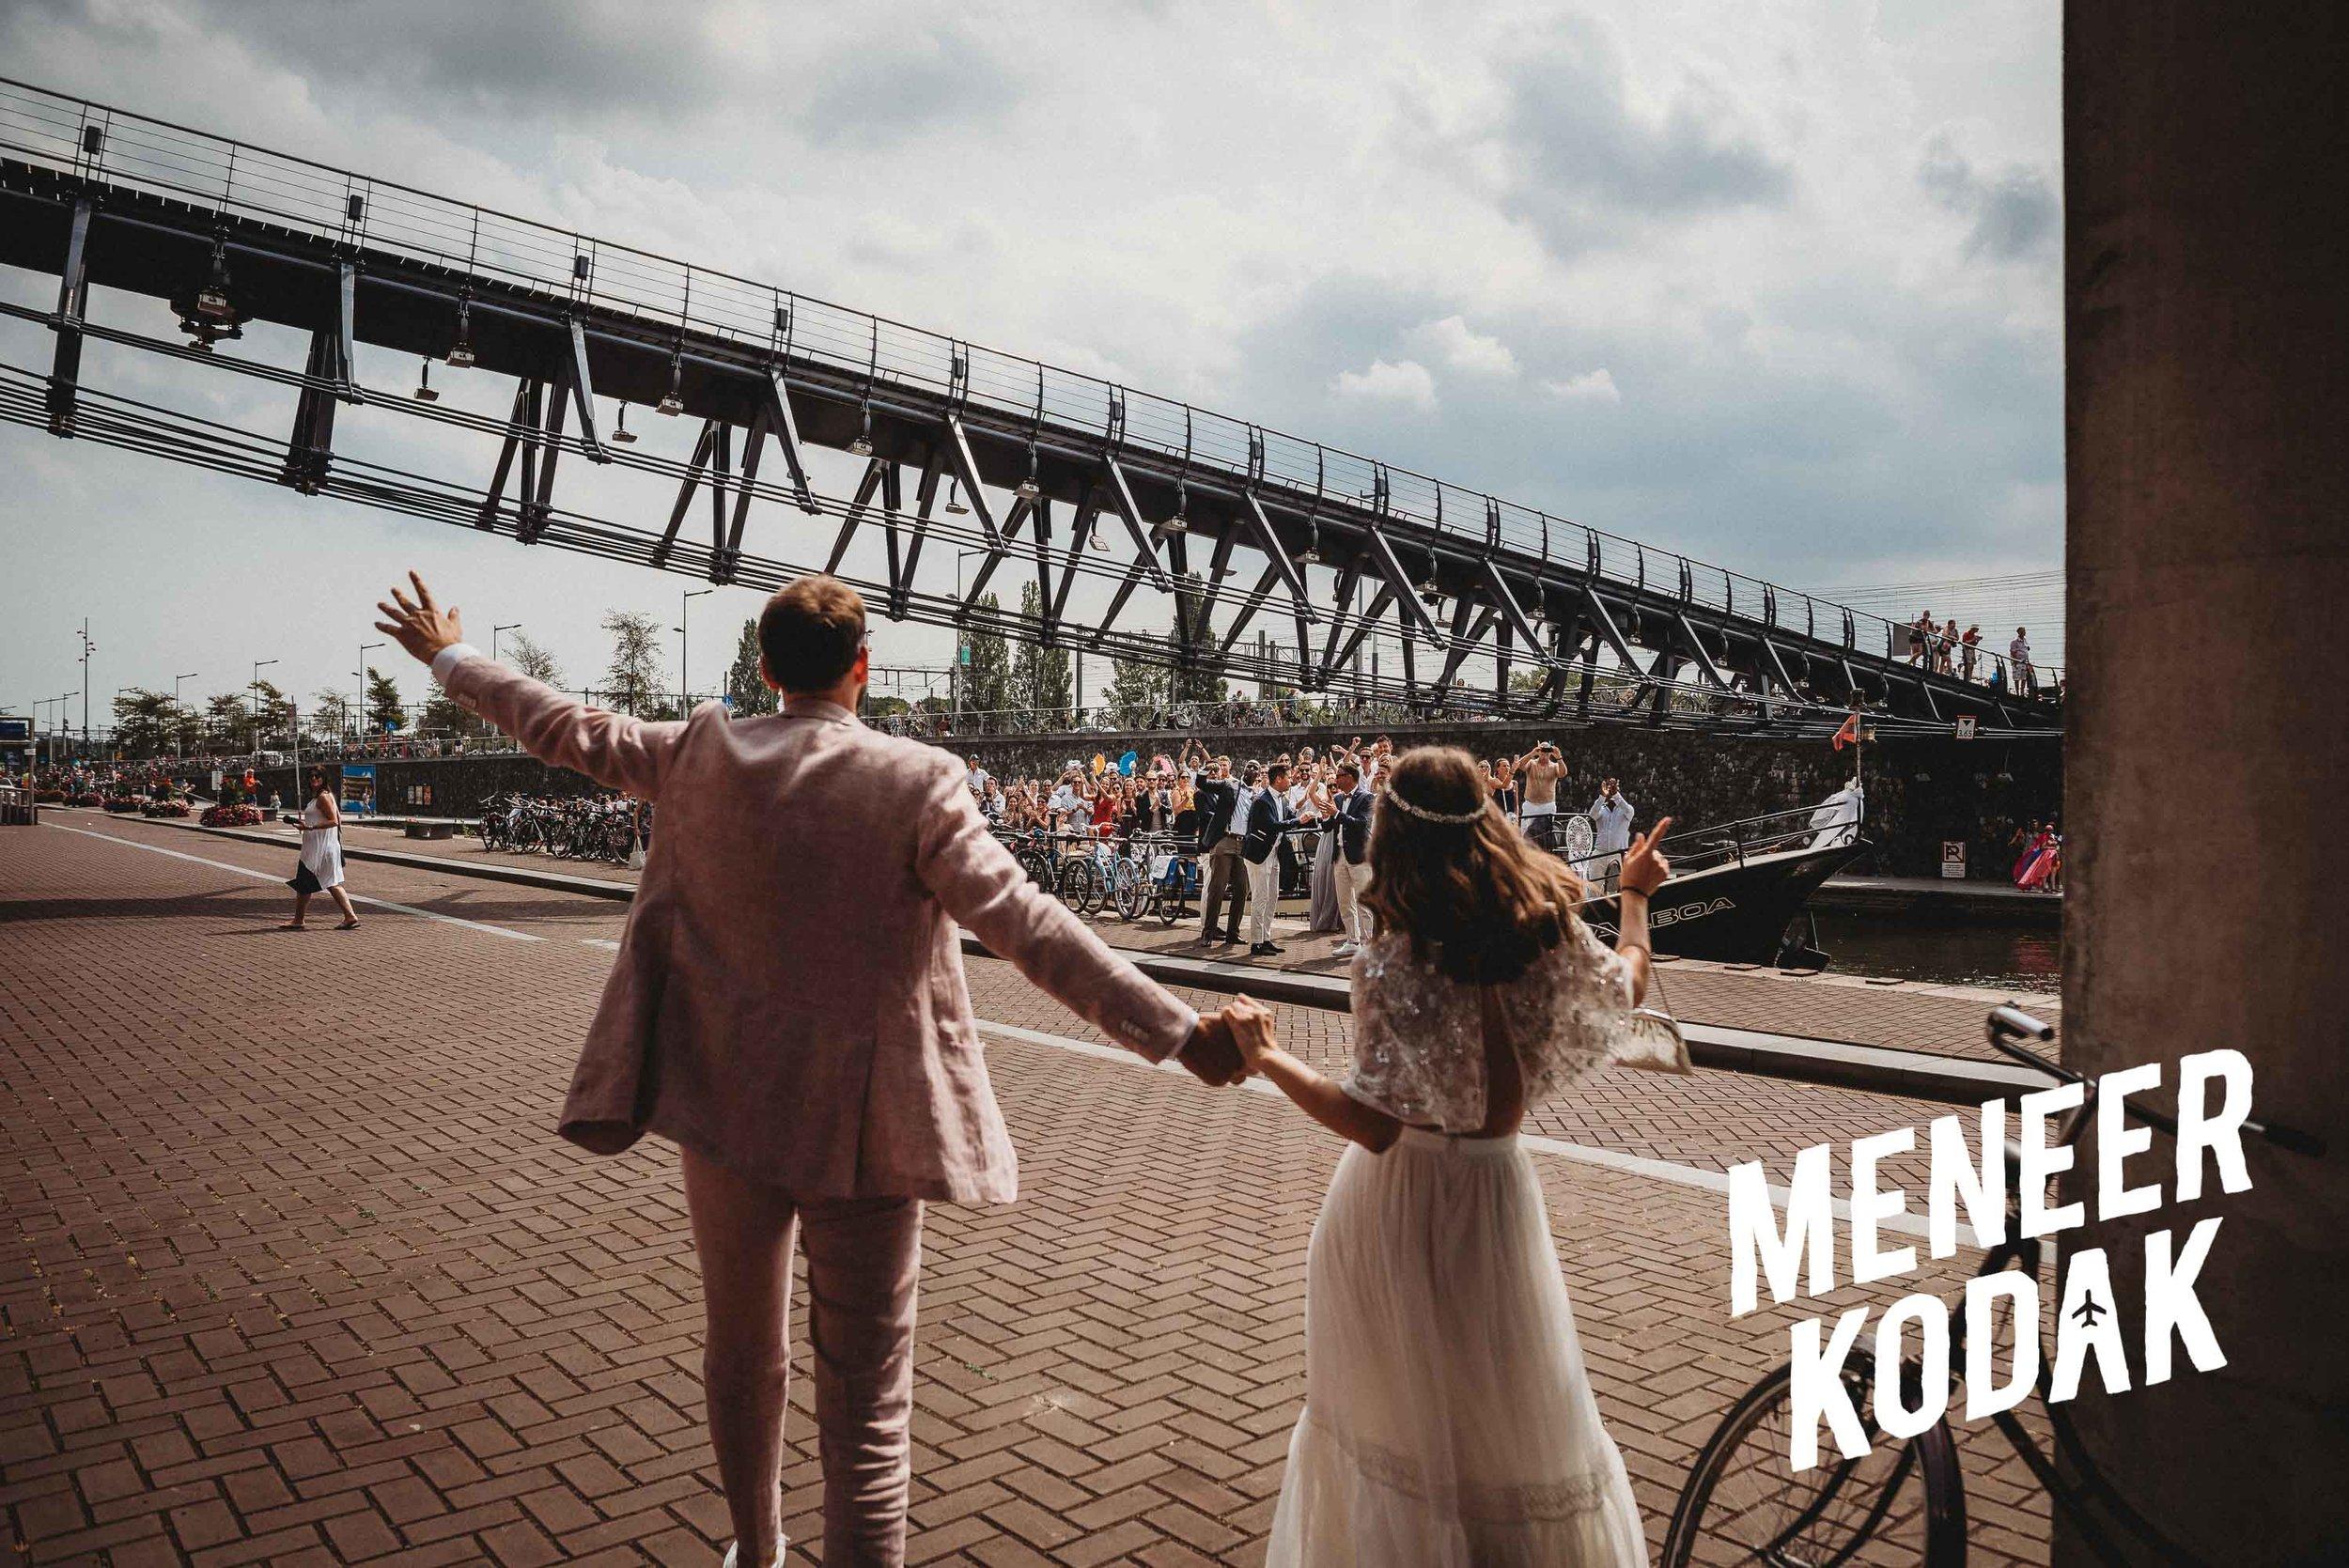 Meneer Kodak - Trouwfotograaf - Amsterdam - H&T-061.jpg